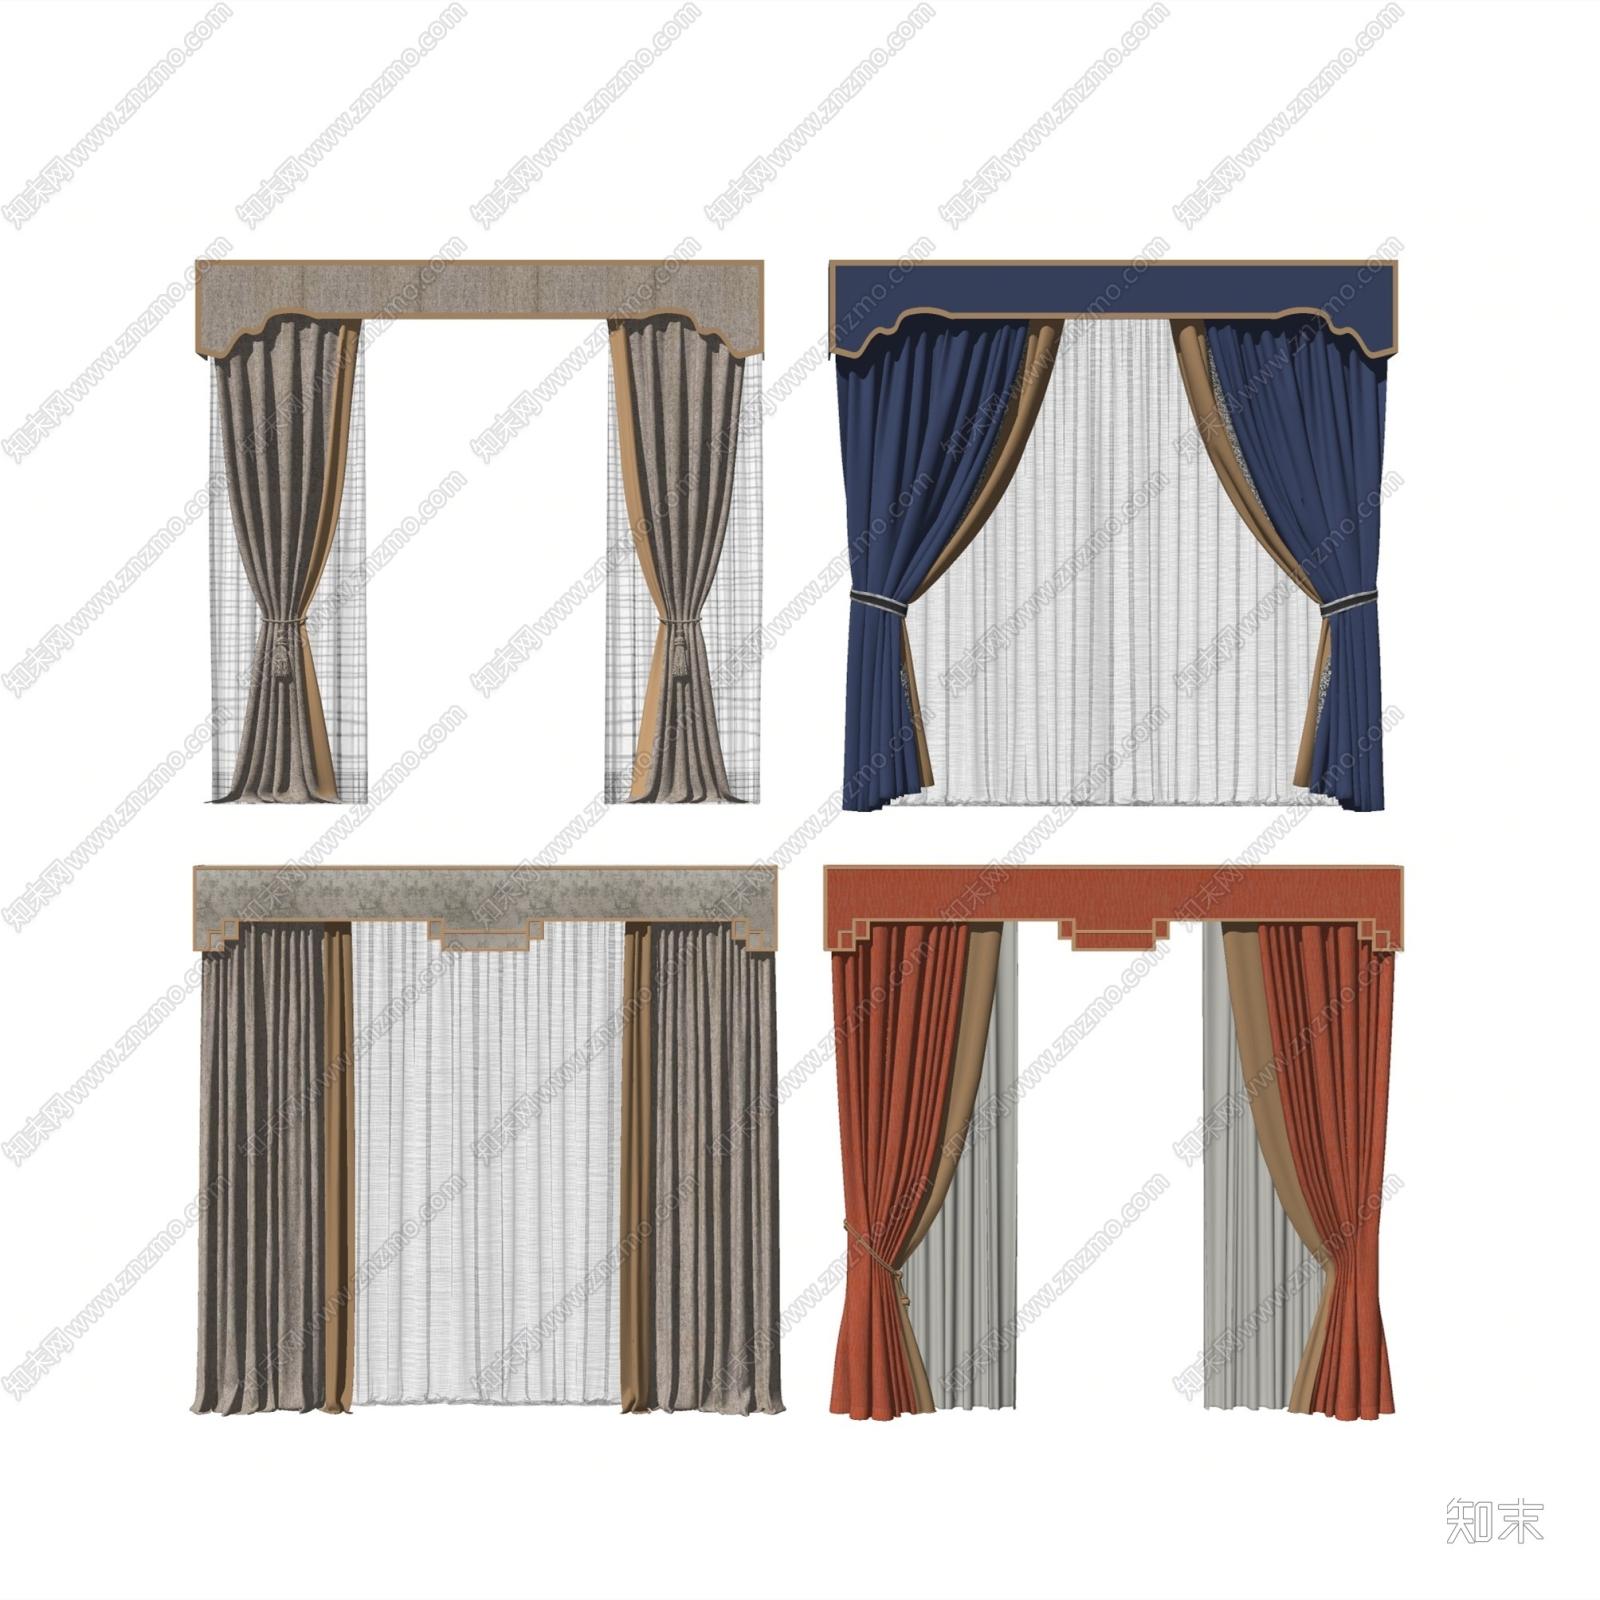 新中式布艺窗帘SU模型下载【ID:156702107】